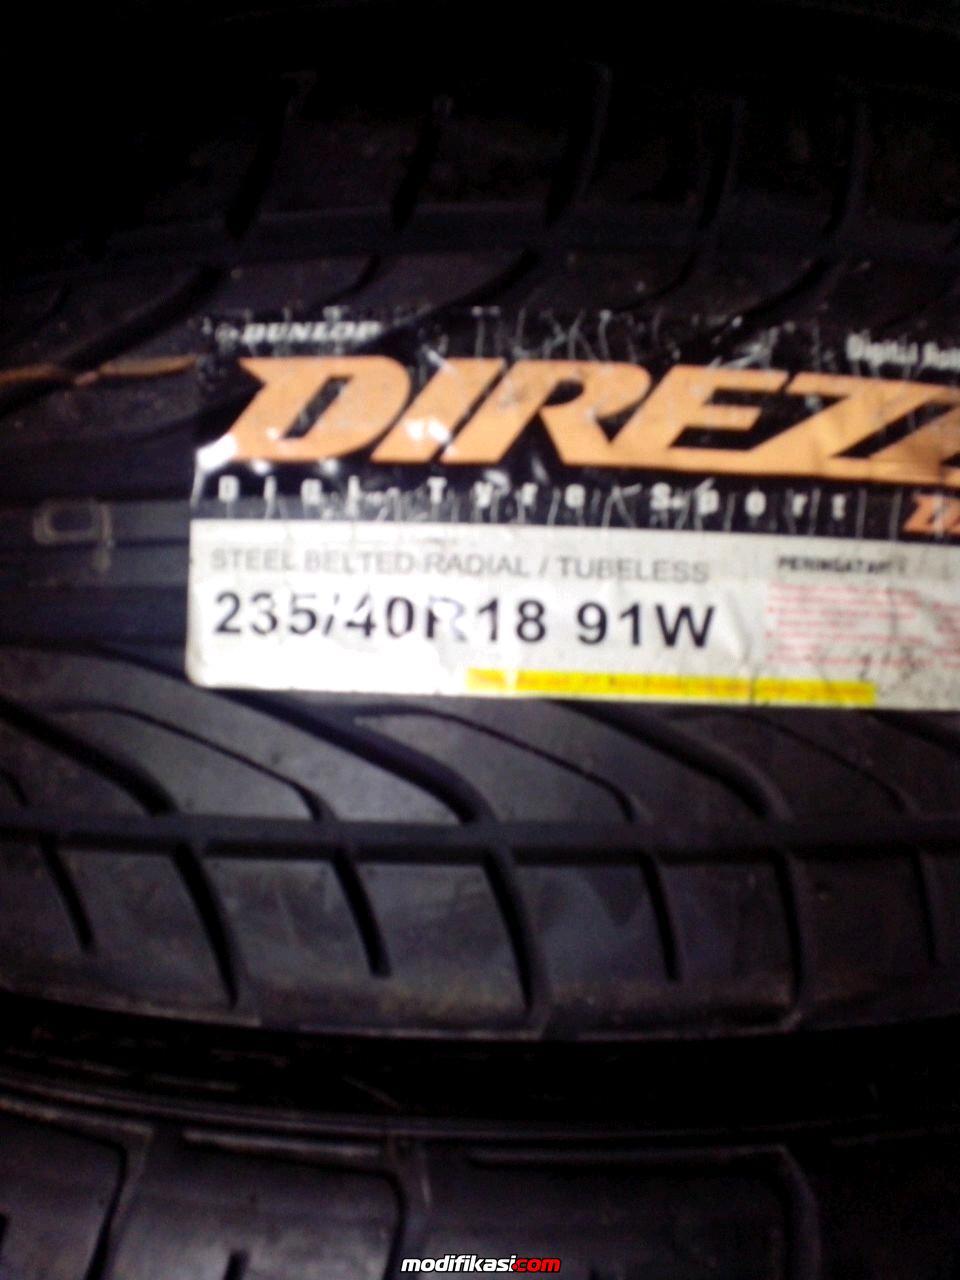 Harga Jual Ban Dunlop At Sp10 185 70 R14 Di Lapak Grandtrek At20 265 70r16 Mobil Baru Fs 235 40 18 480 Rb